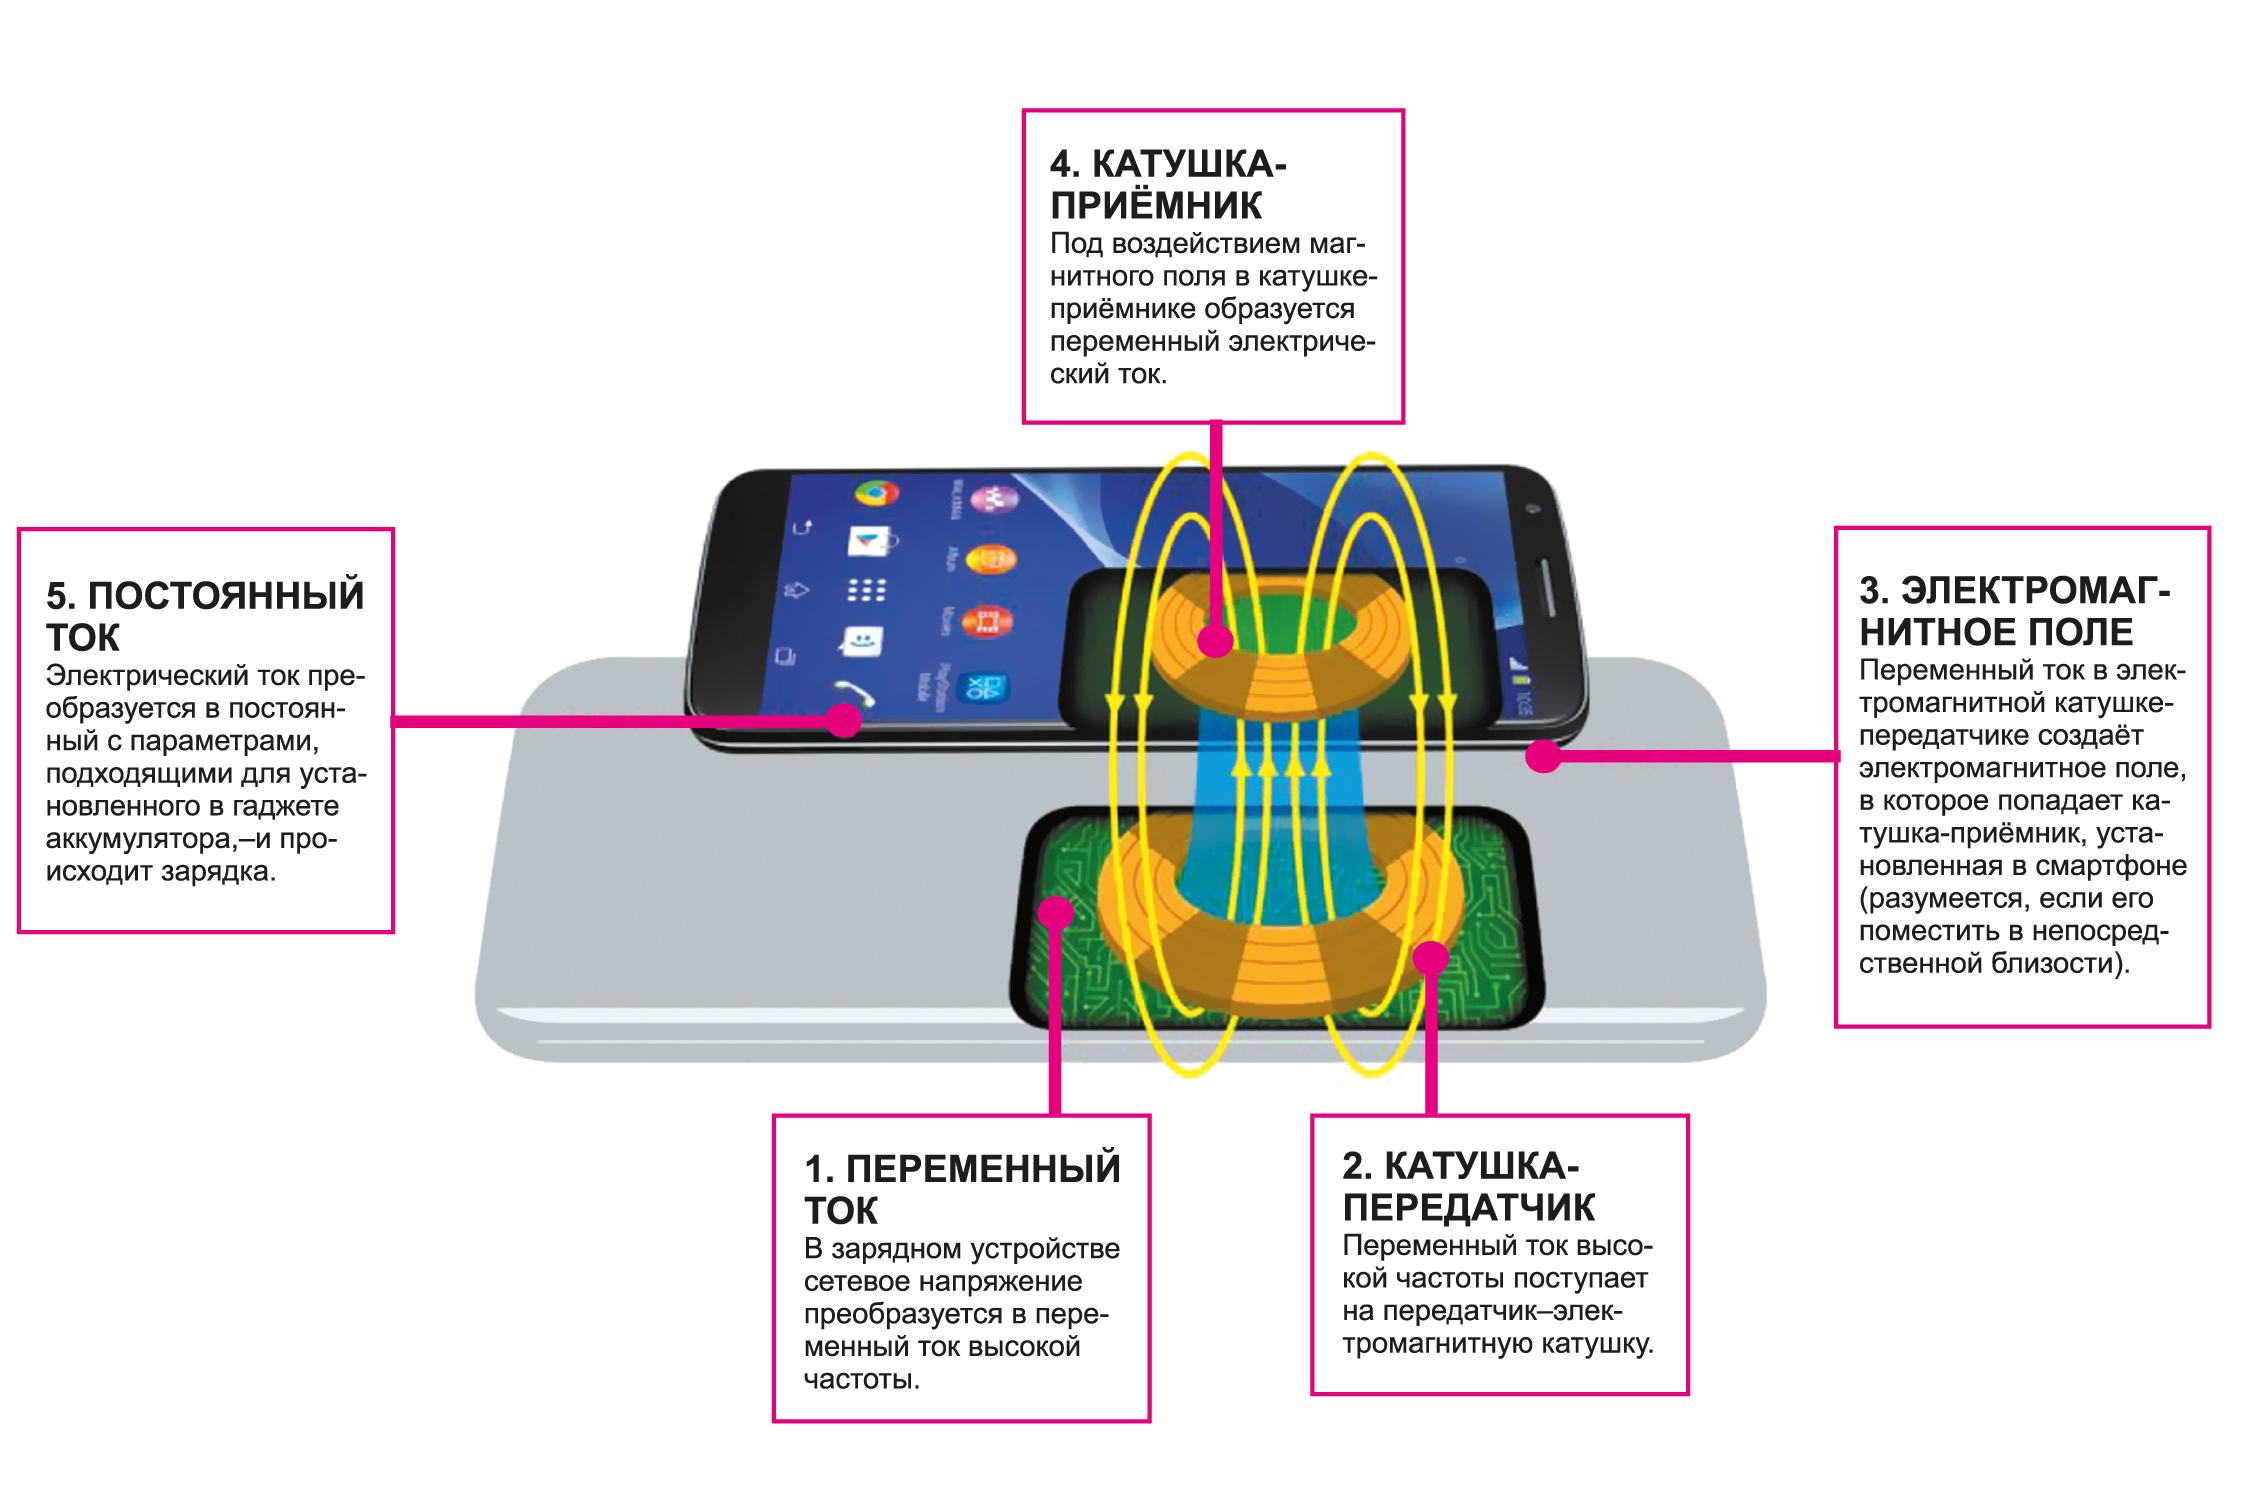 Магнитный резонанс — самая перспективная технология беспроводной зарядки, поскольку она не имеет ограничений по форм-фактору и позволяет осуществлять эффективную и безопасную передачу энергии на значительном расстоянии